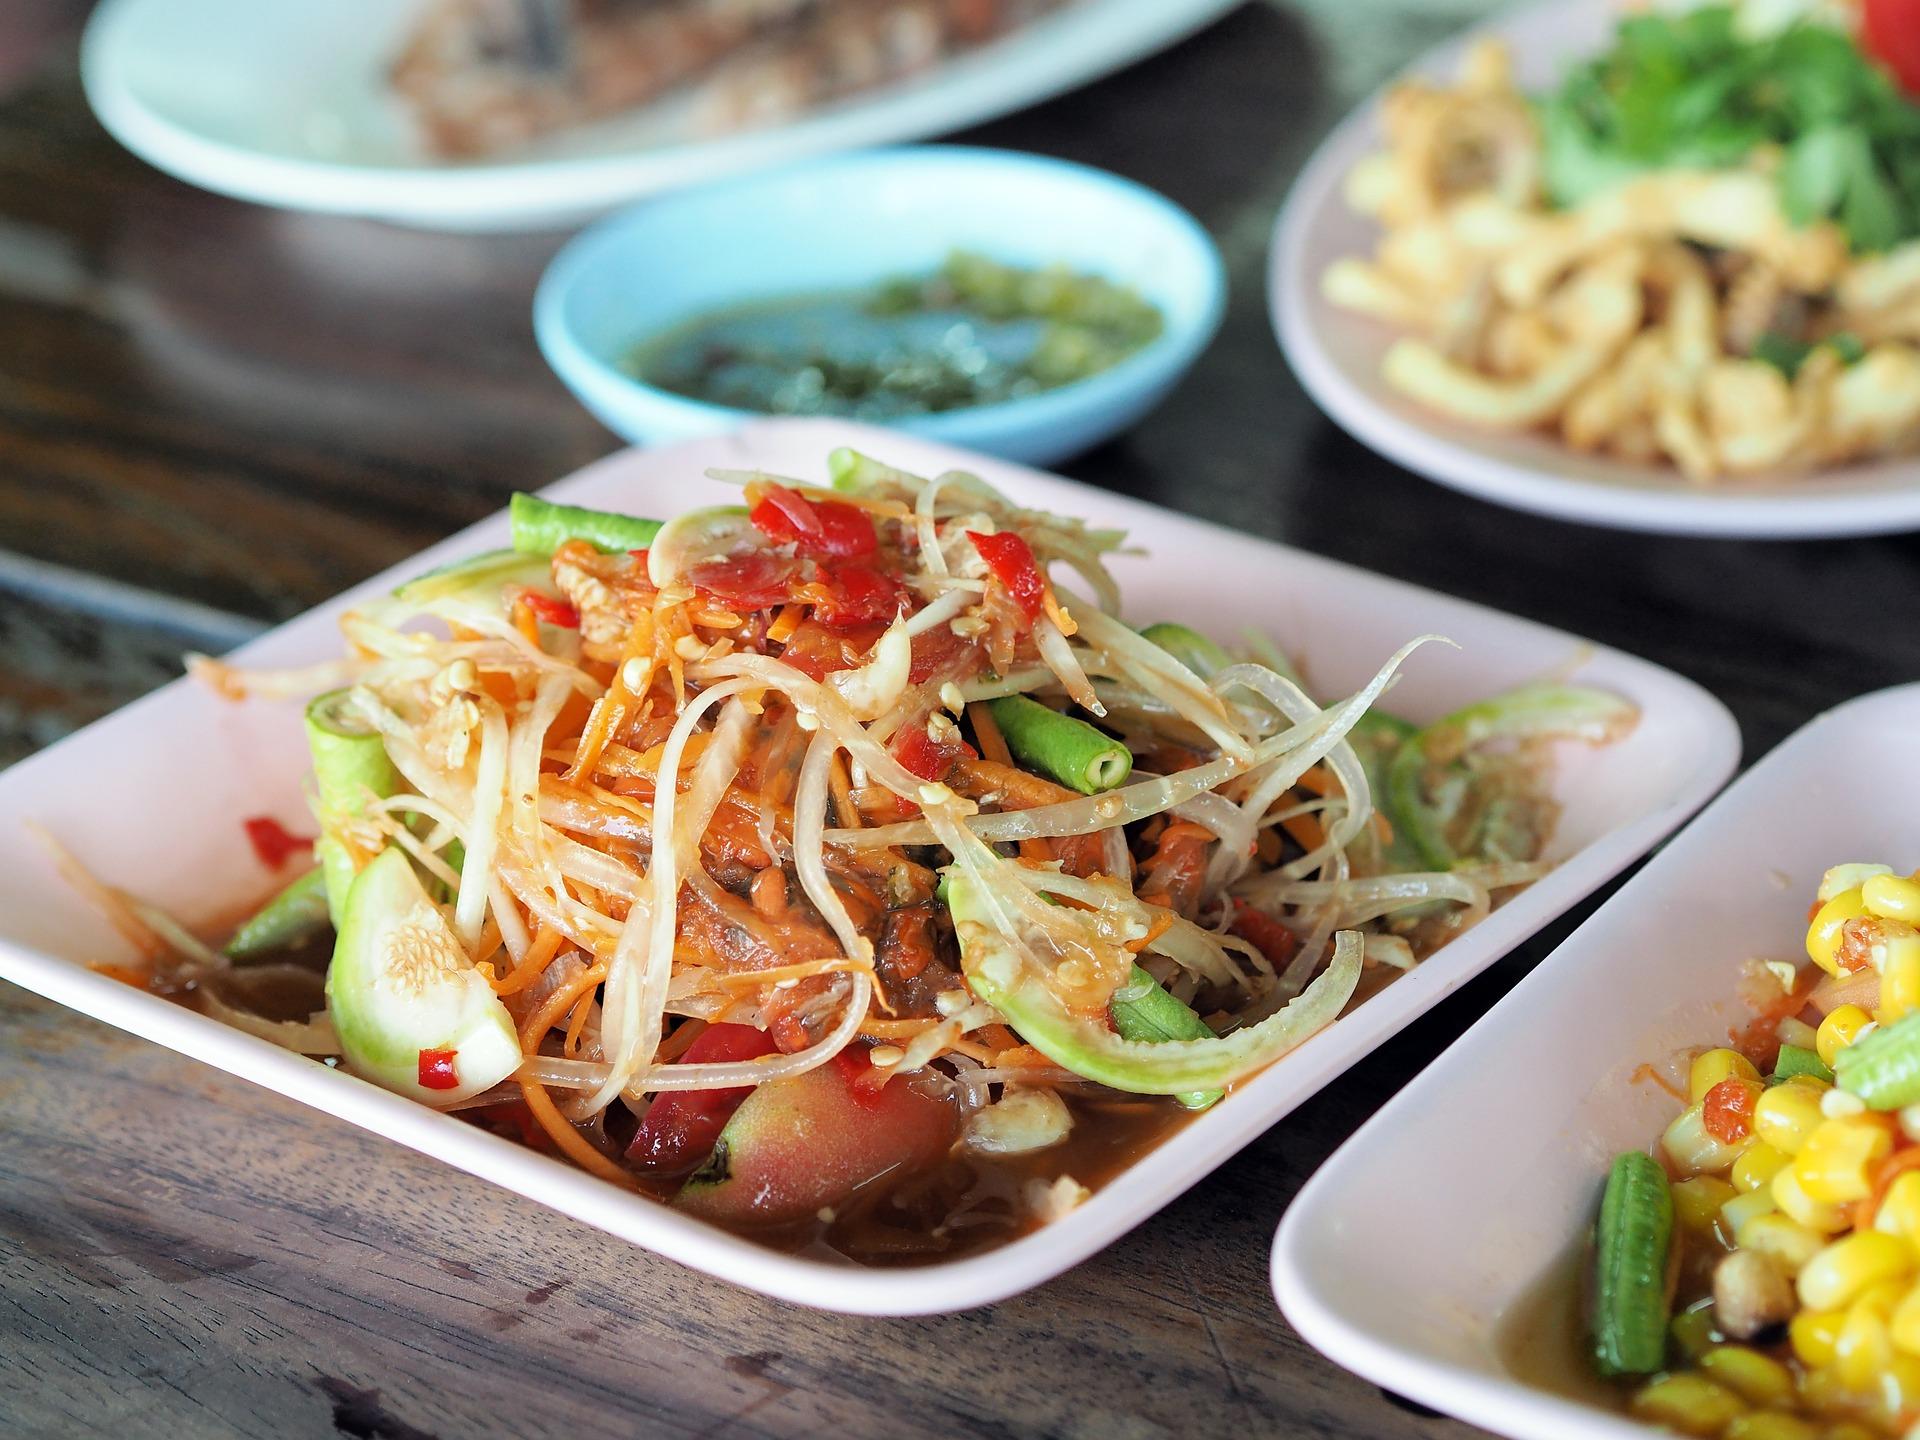 町田のタイ料理人気店を厳選!本場の味が楽しめておすすめ!